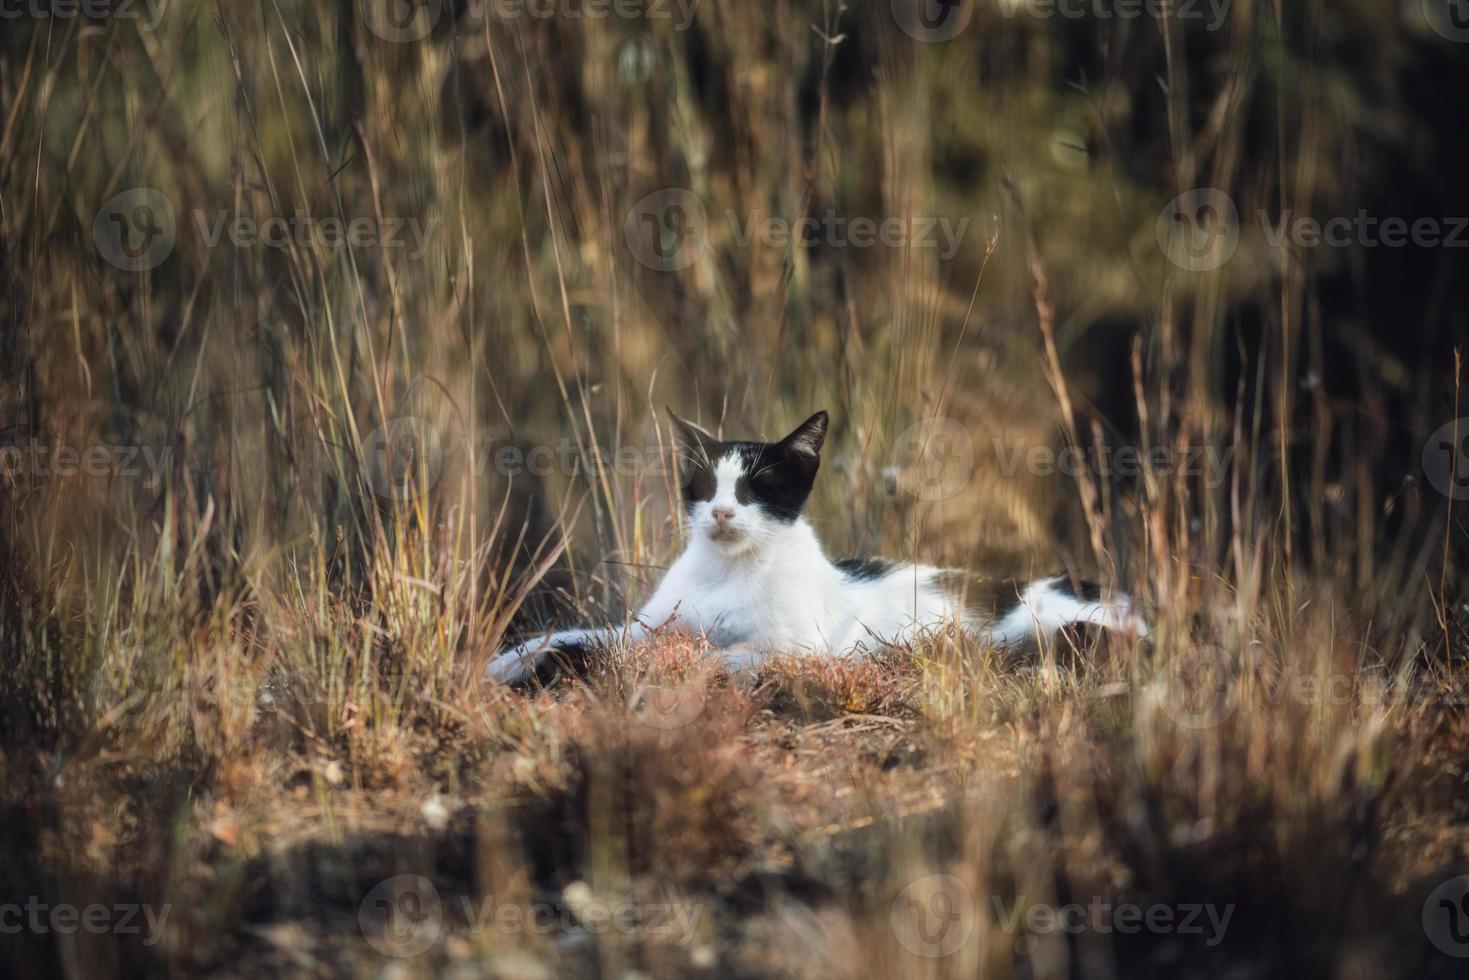 gatto domestico, gatto bianco e nero sdraiato sul prato, sonnecchia e ascolta ciò che lo circonda. foto